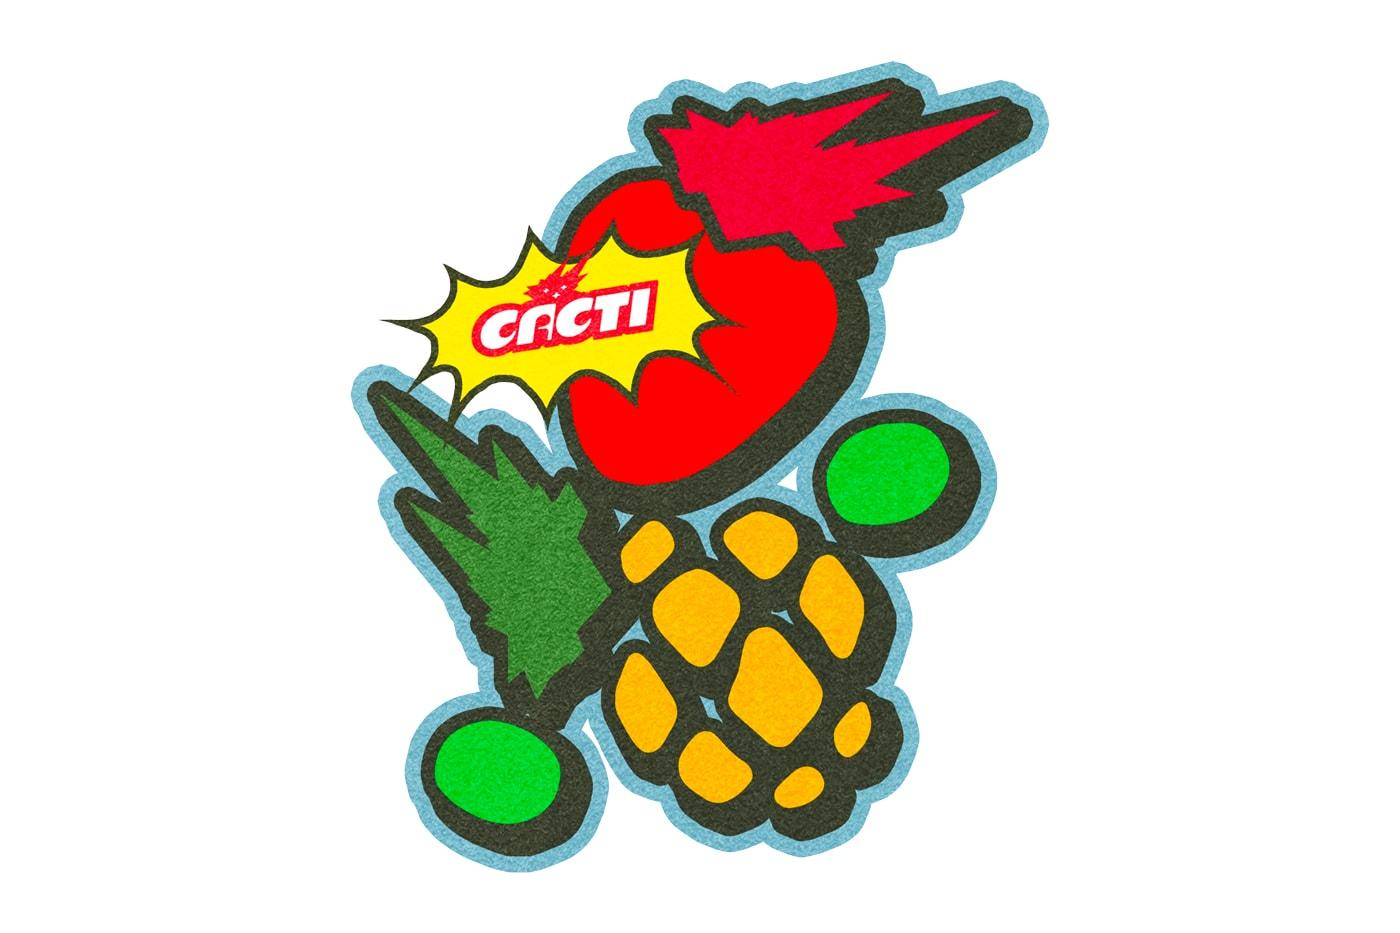 Supreme Spring Summer 2021 Week 4 Release Drop List Info Palace Skateboards 6 Playboy Hatton Labs Wolverine Brain Dead Astro Boy BAIT UNIQLO Louis Vuitton Travis Scott CACTI